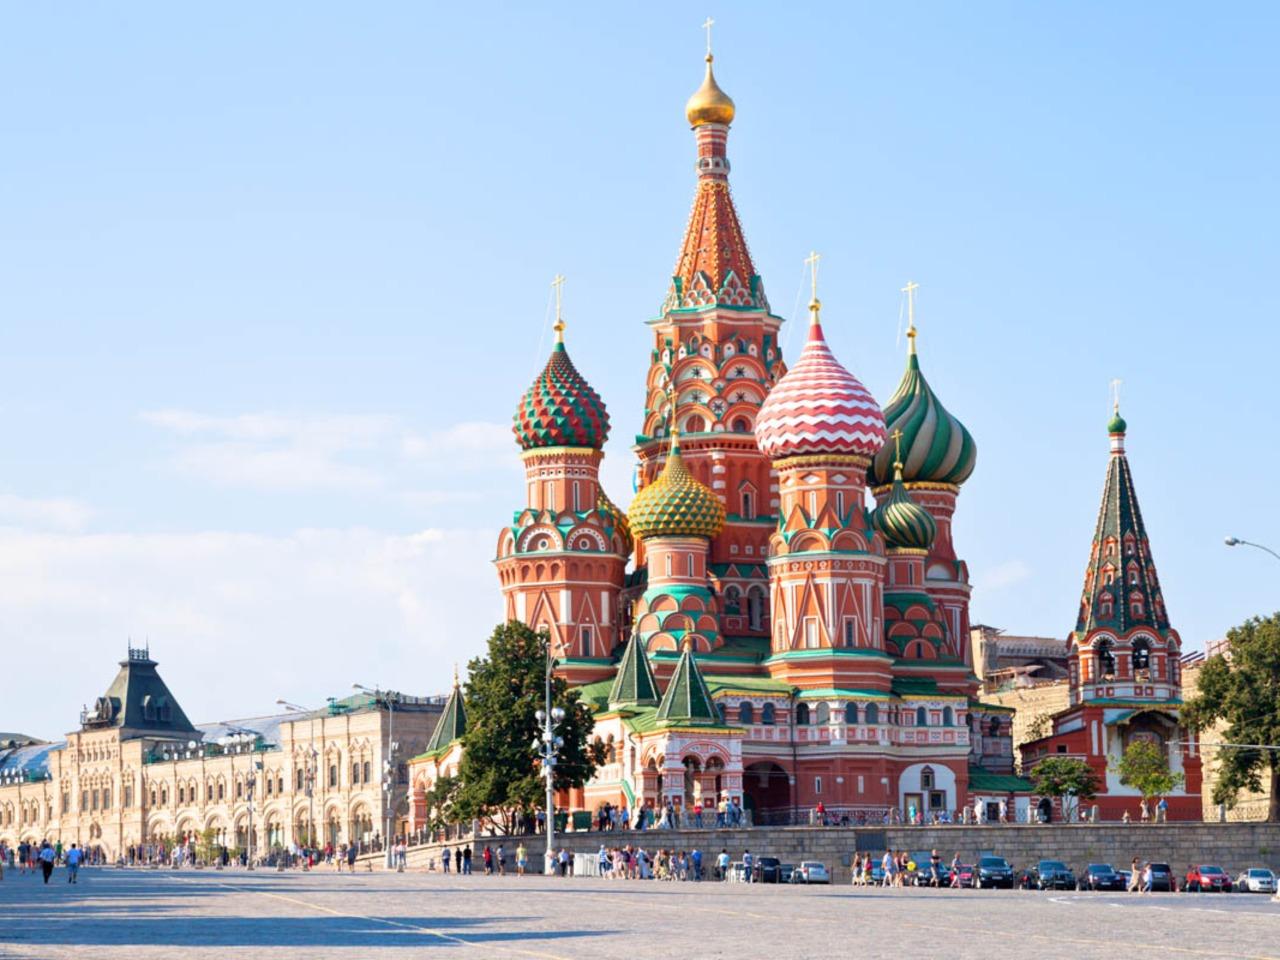 Центр Москвы: секреты Красной площади и не только - групповая экскурсия в Москве от опытного гида